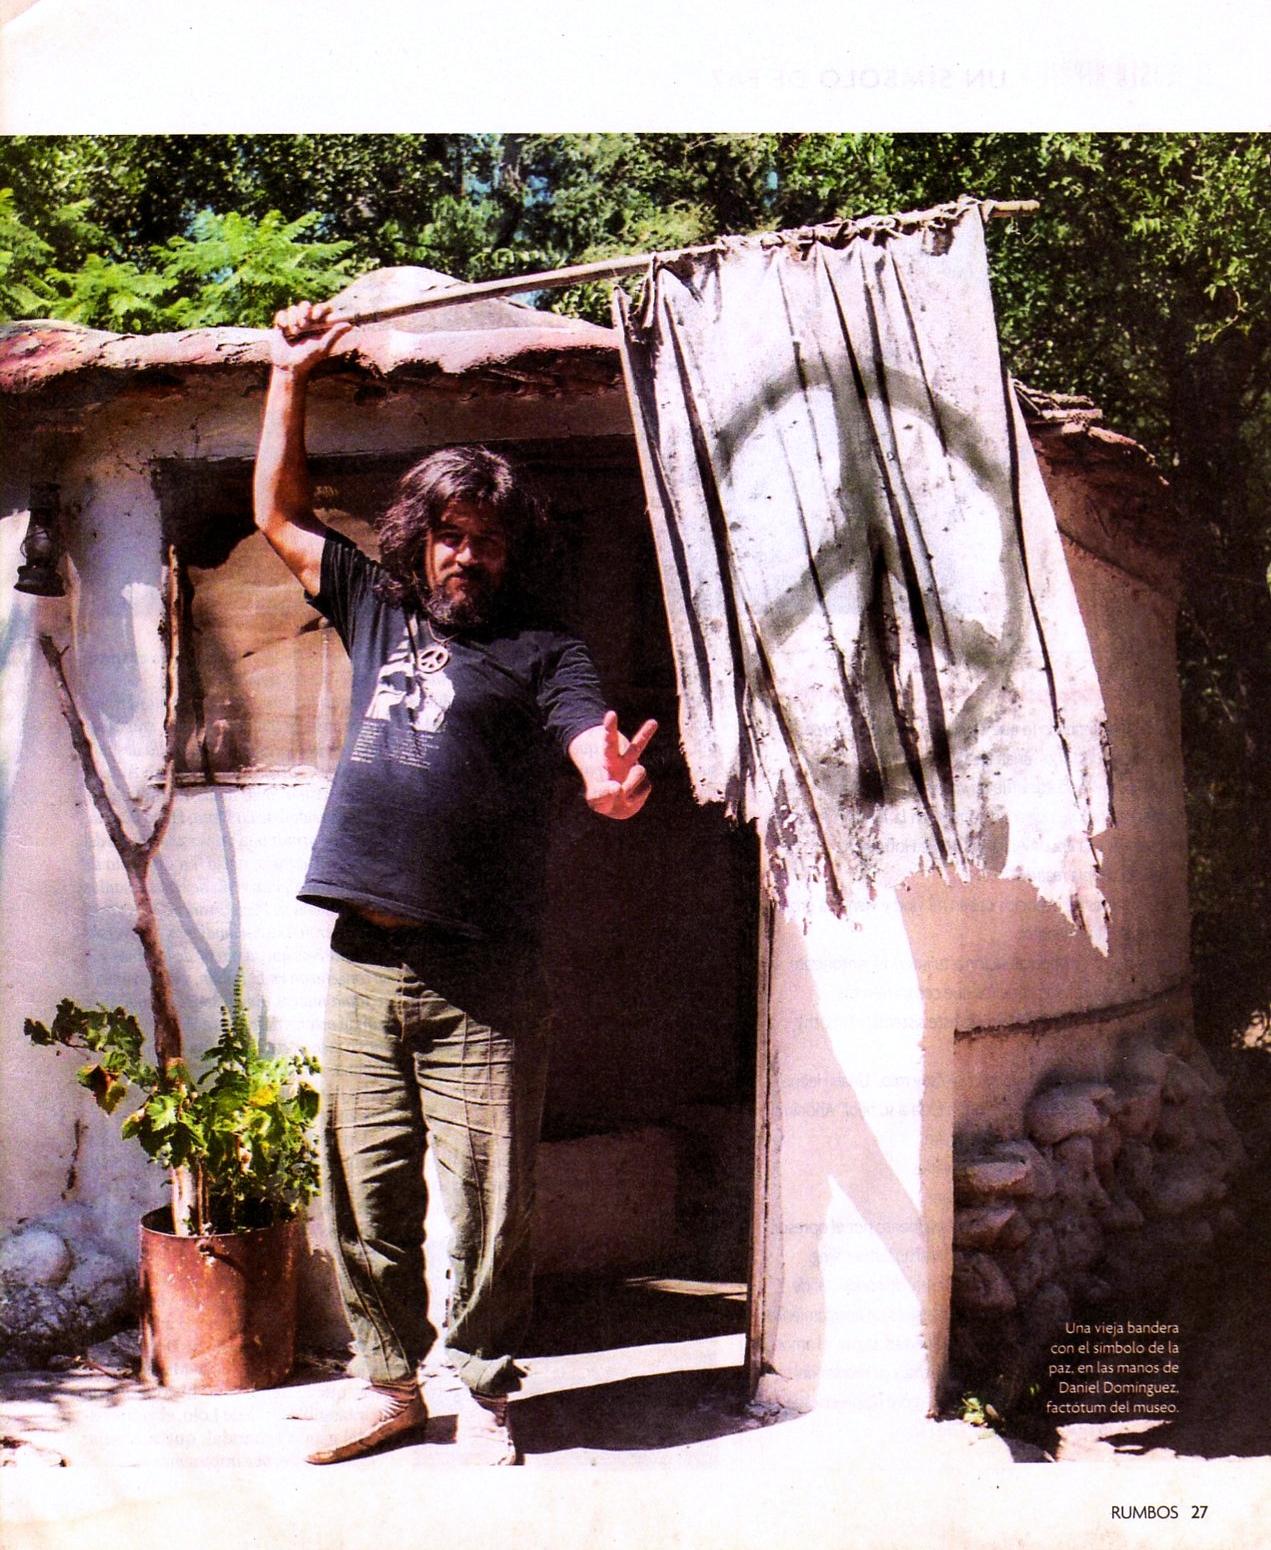 limonchiflado: El Museo Hippie en San Marcos Sierras